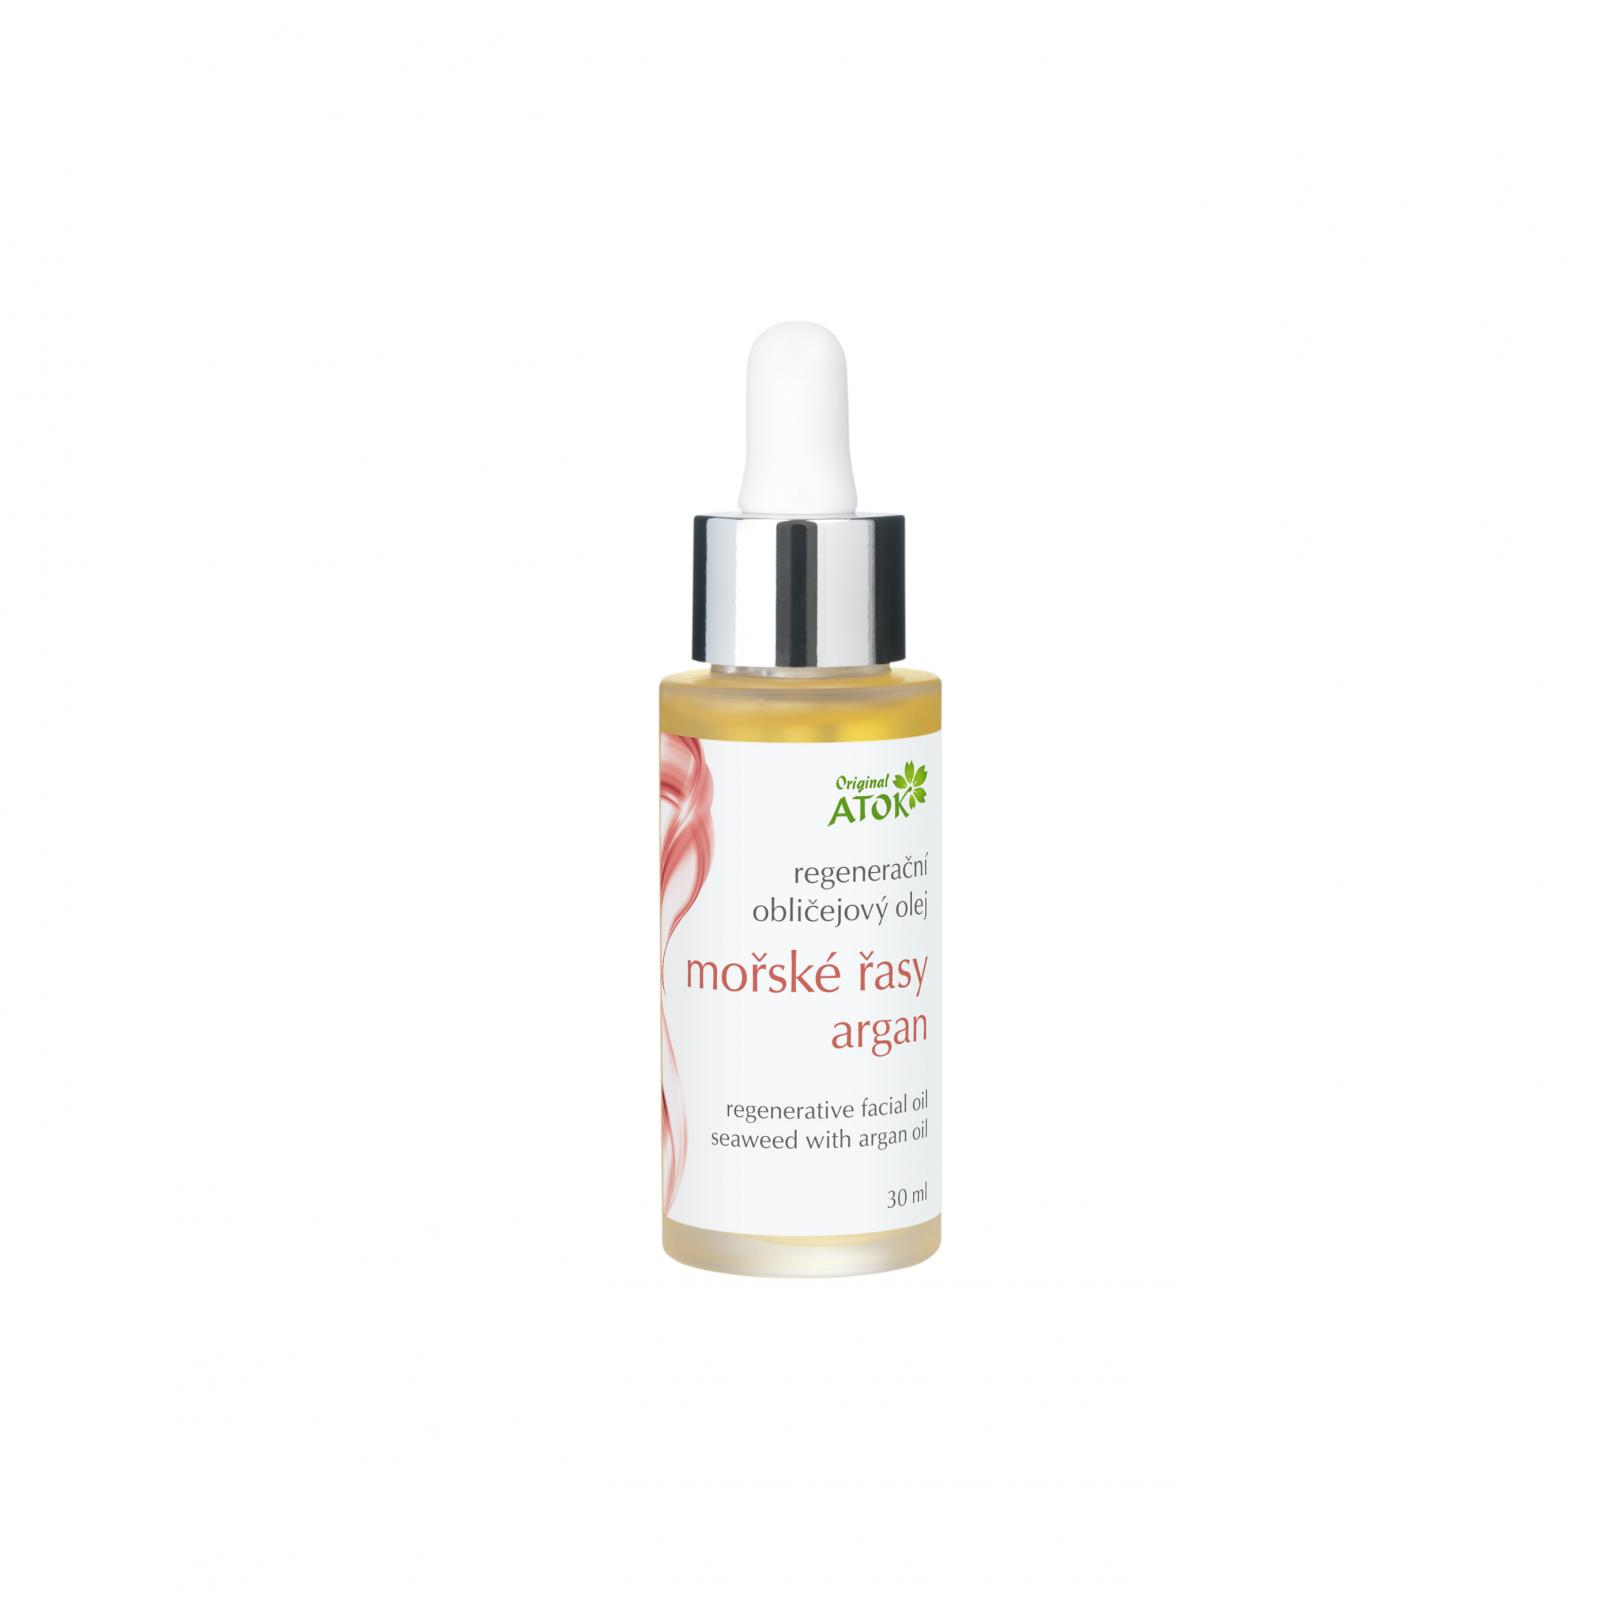 Original ATOK Regenerační obličejový olej Mořské řasy - argan 30 ml